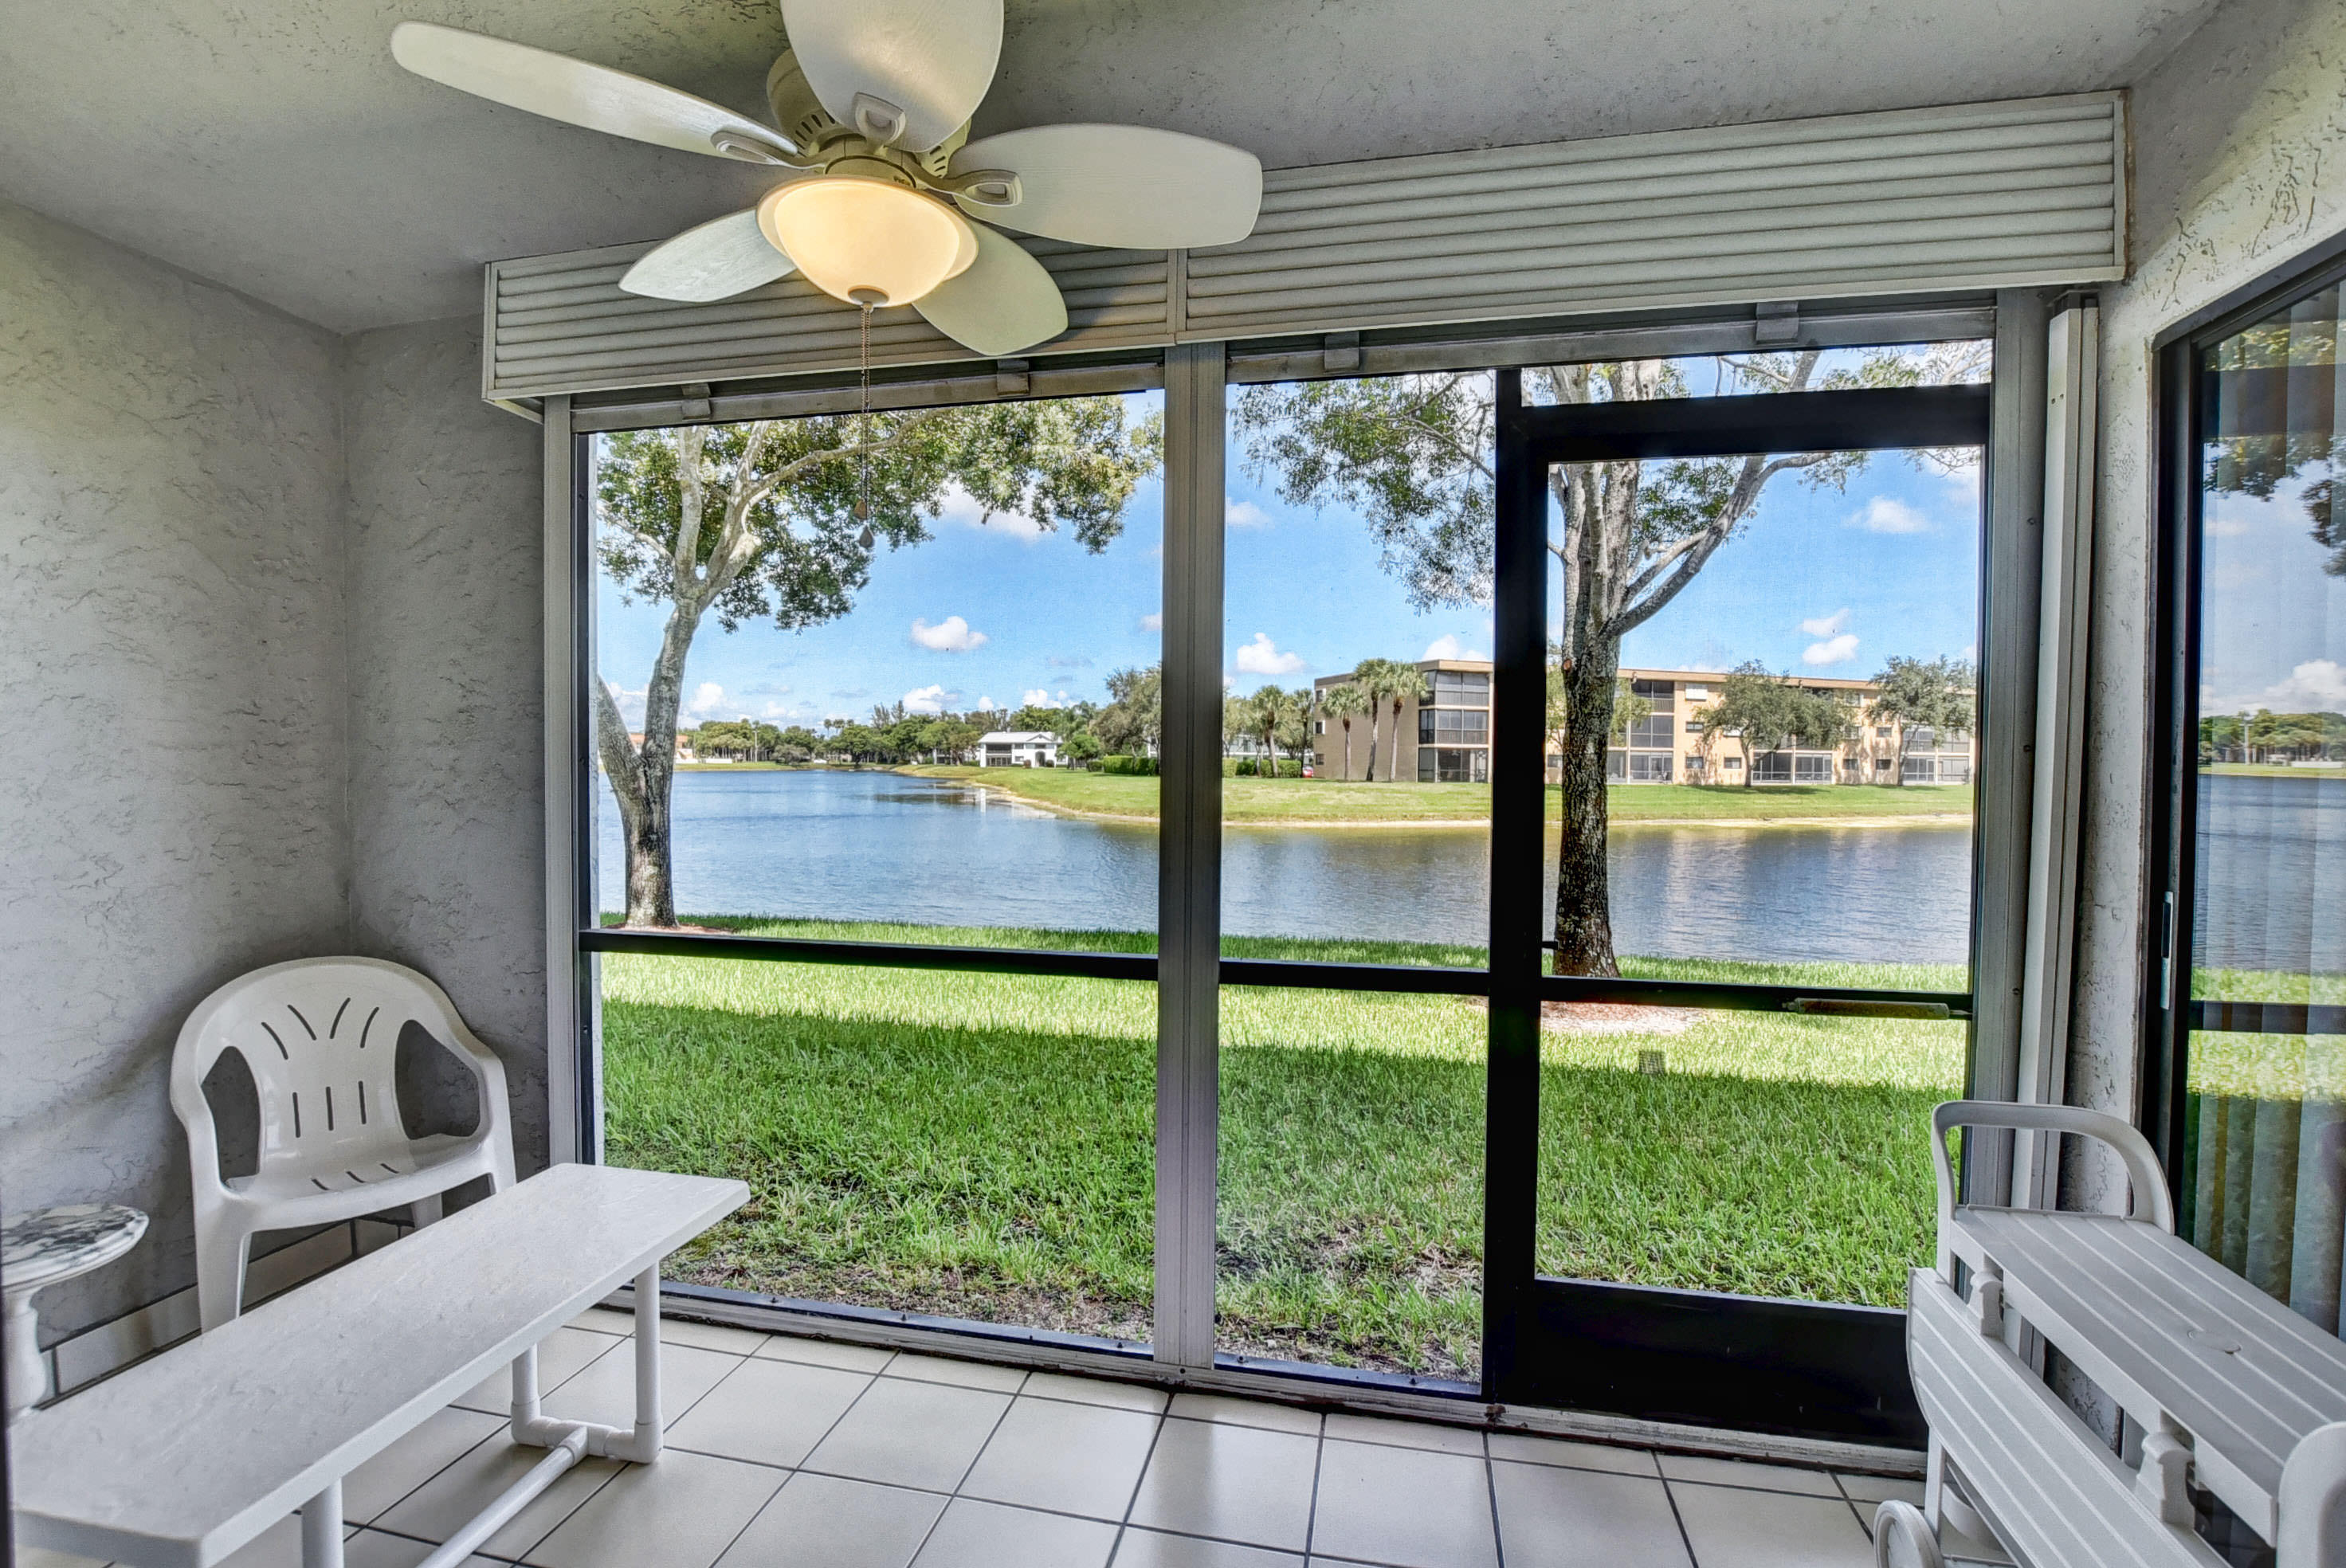 15235 Lakes Of Delray Boulevard 293 Delray Beach, FL 33484 photo 21